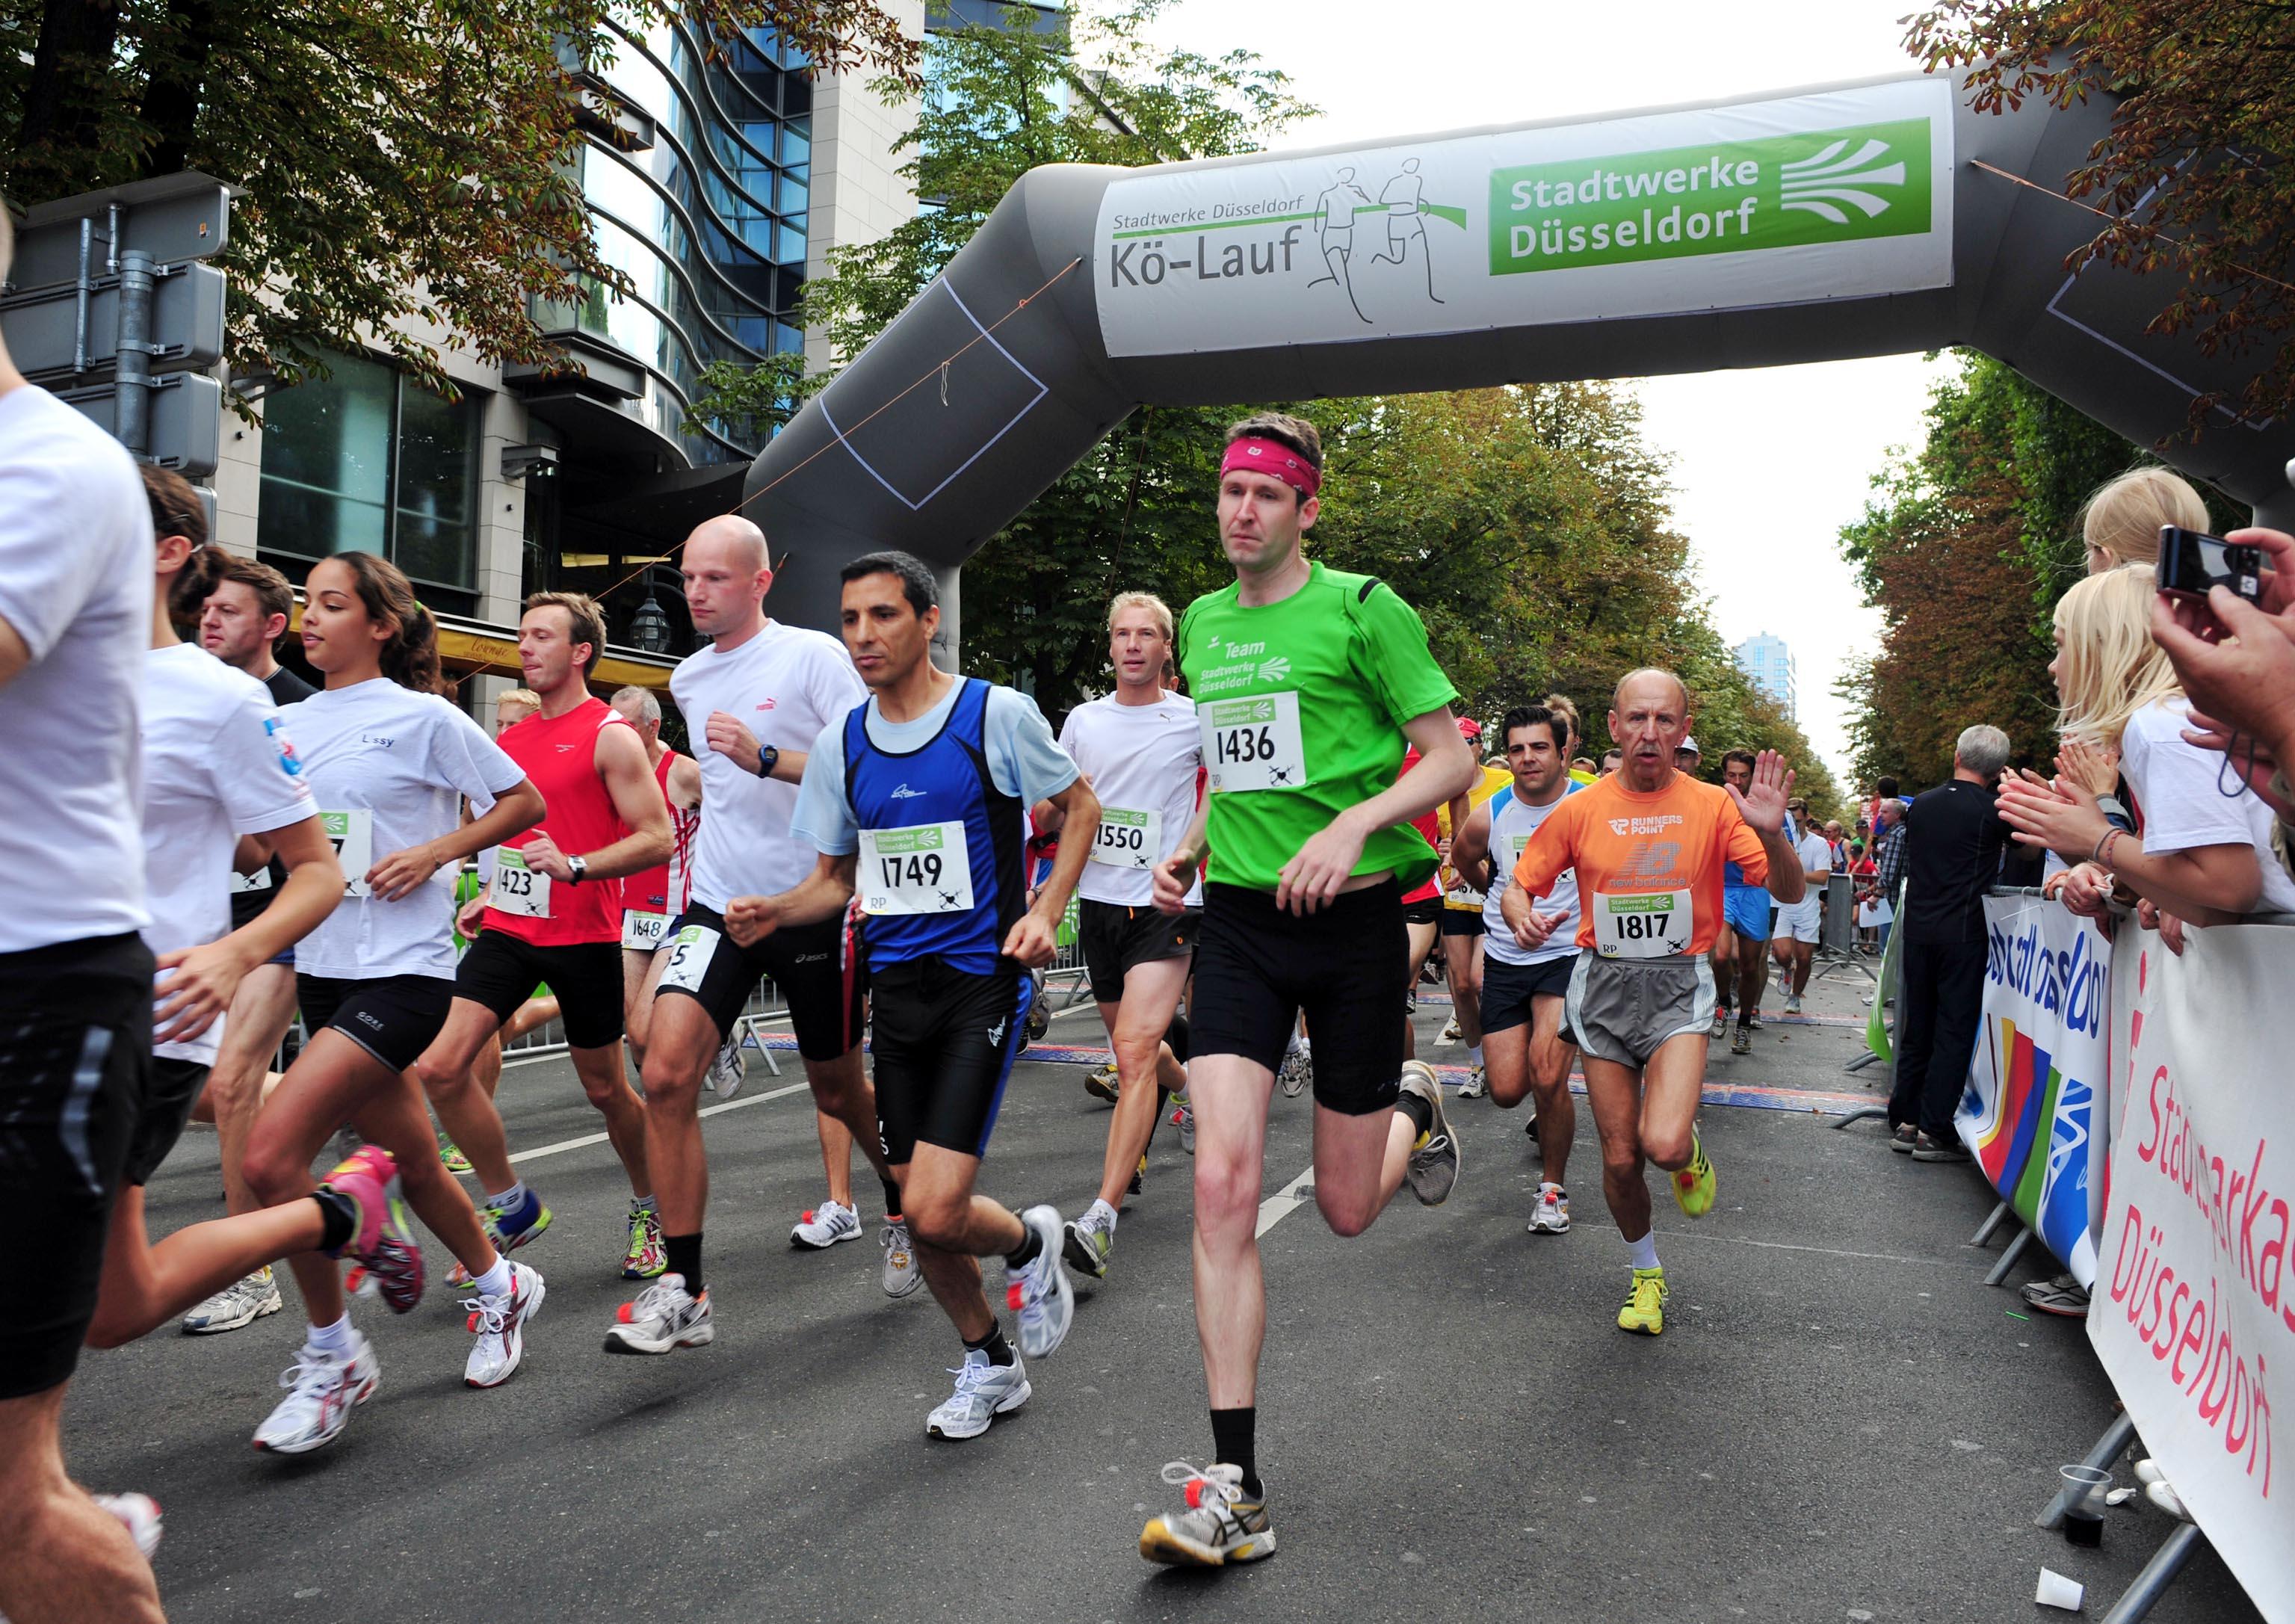 Stadtwerke Düsseldorf Halbmarathon Auf Der Kö